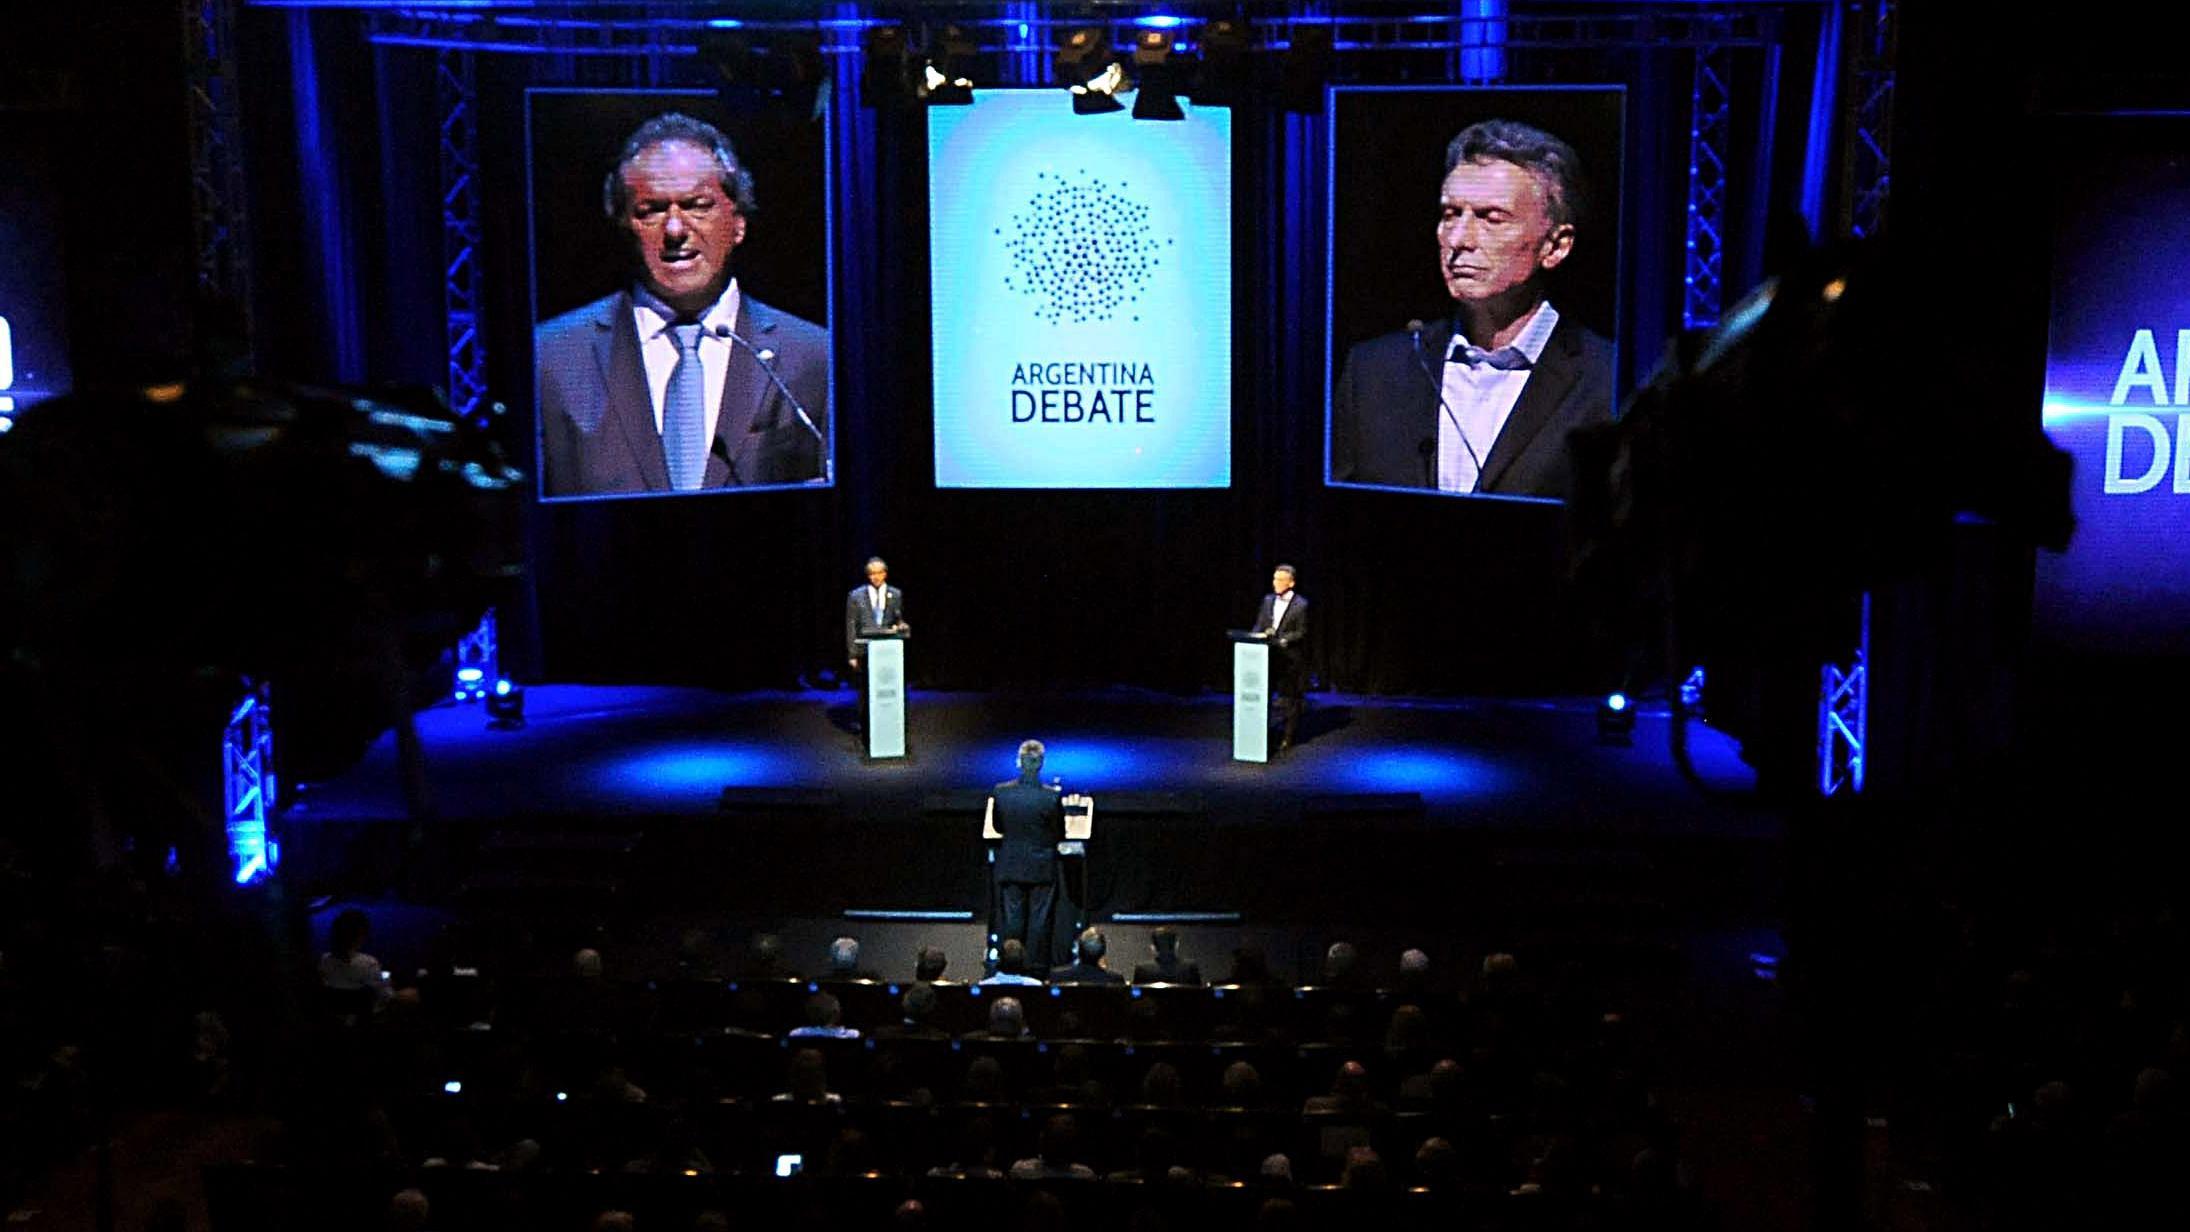 Los candidatos no respondieron las preguntas de sus contrincantes pero lanzaron datos certeros.